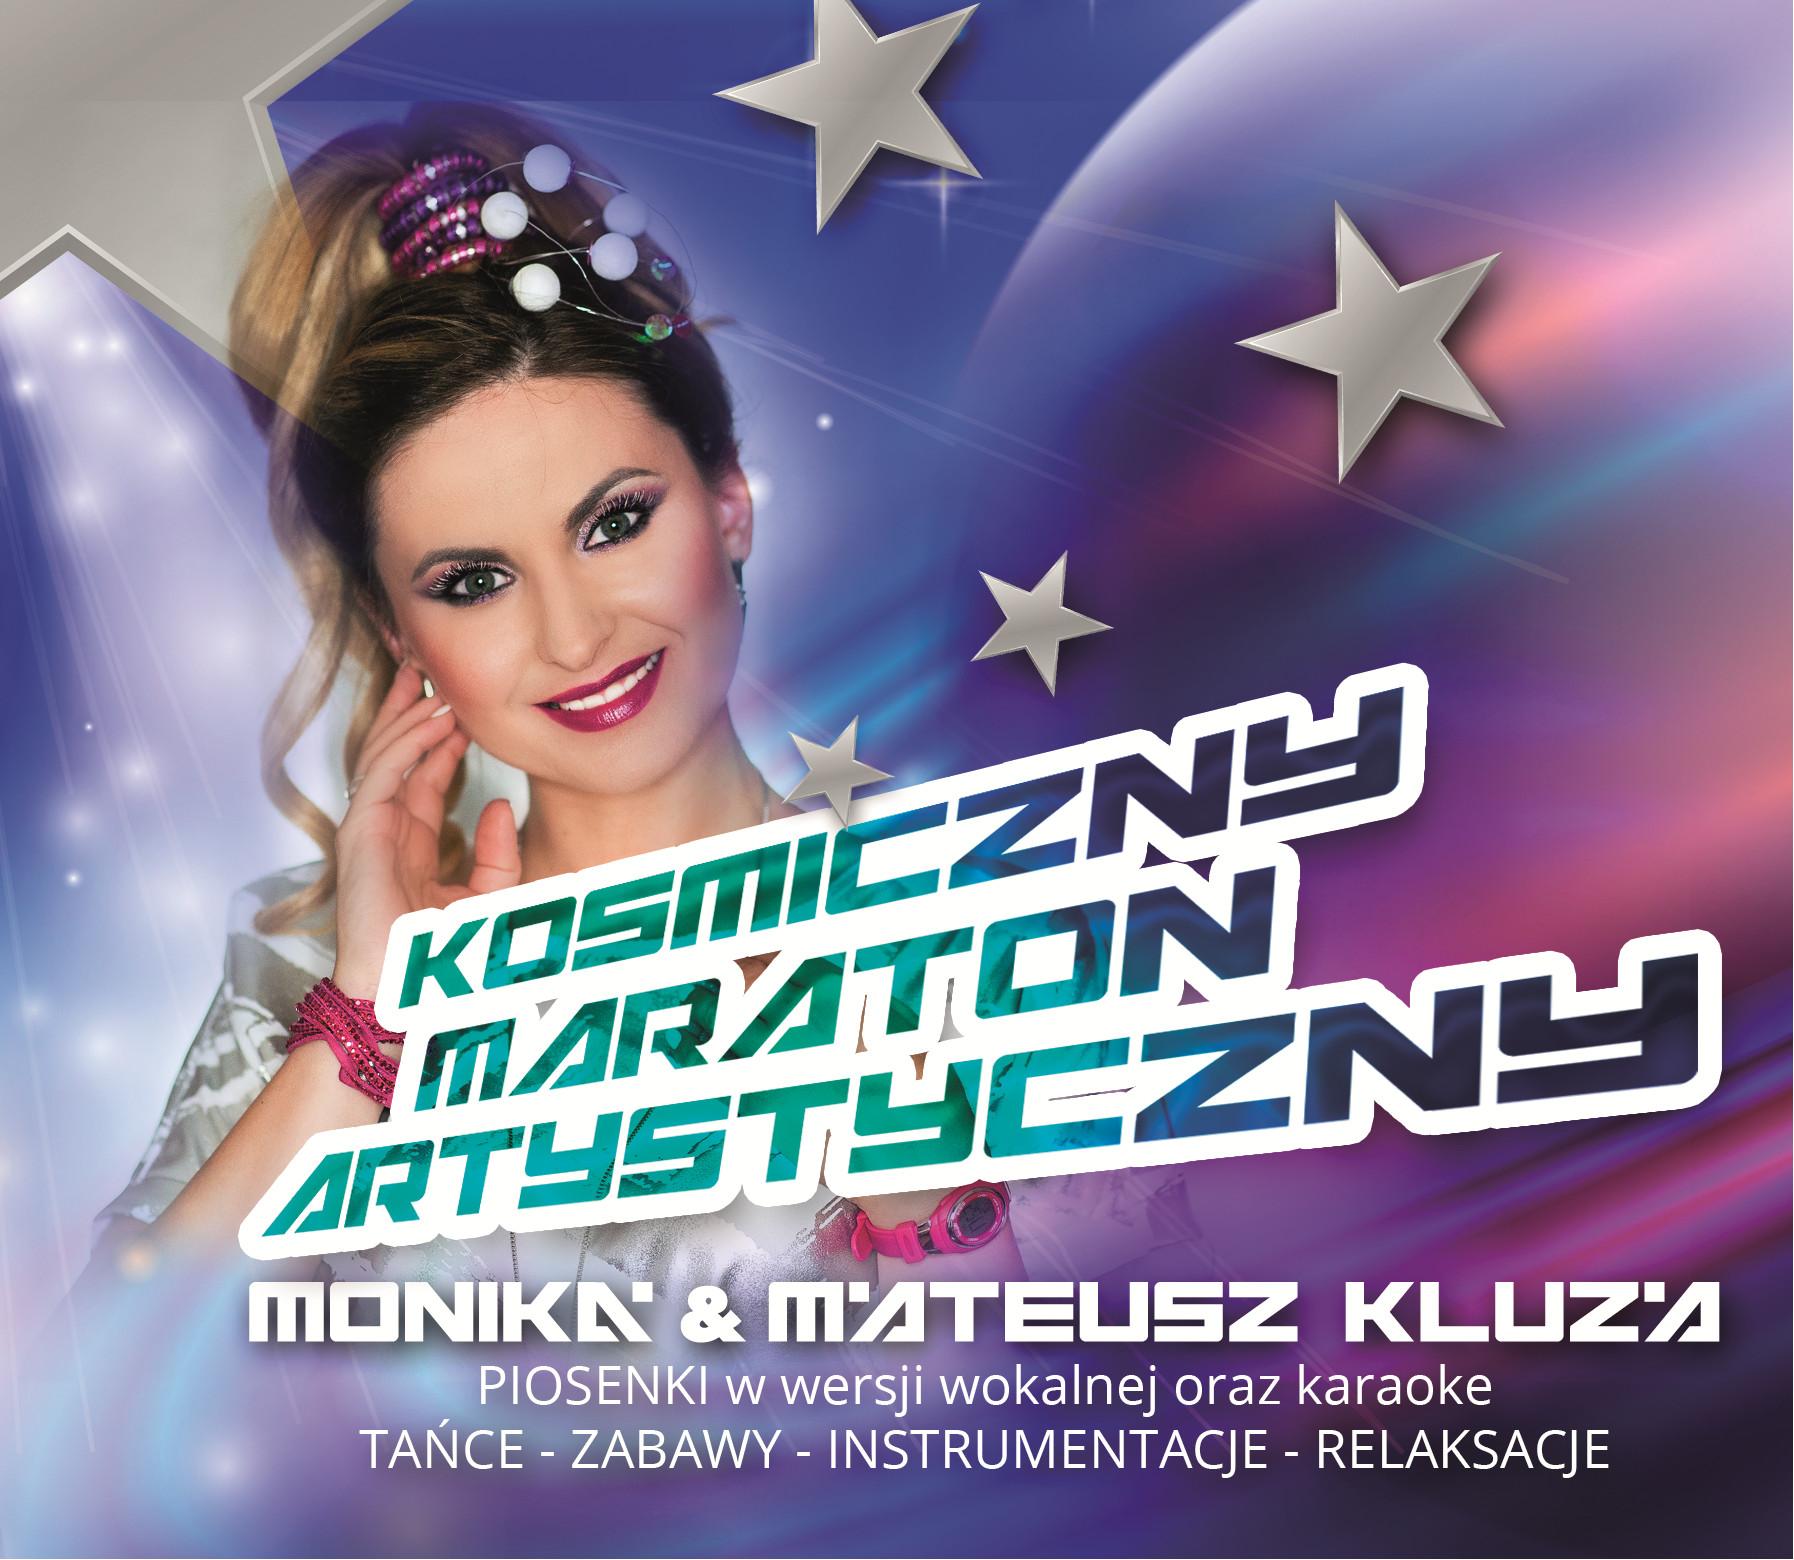 Płyta CD Kosmiczny maraton artystyczny